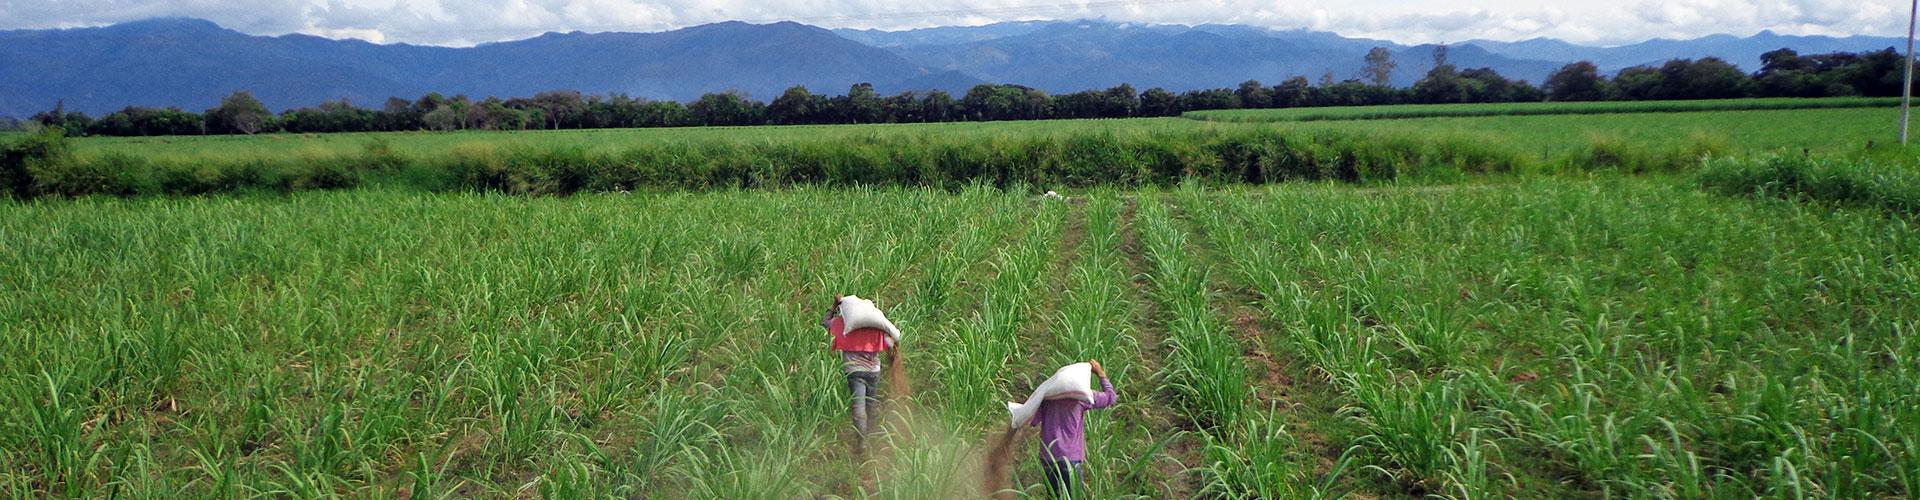 Ecorganicos de Colombia - 04